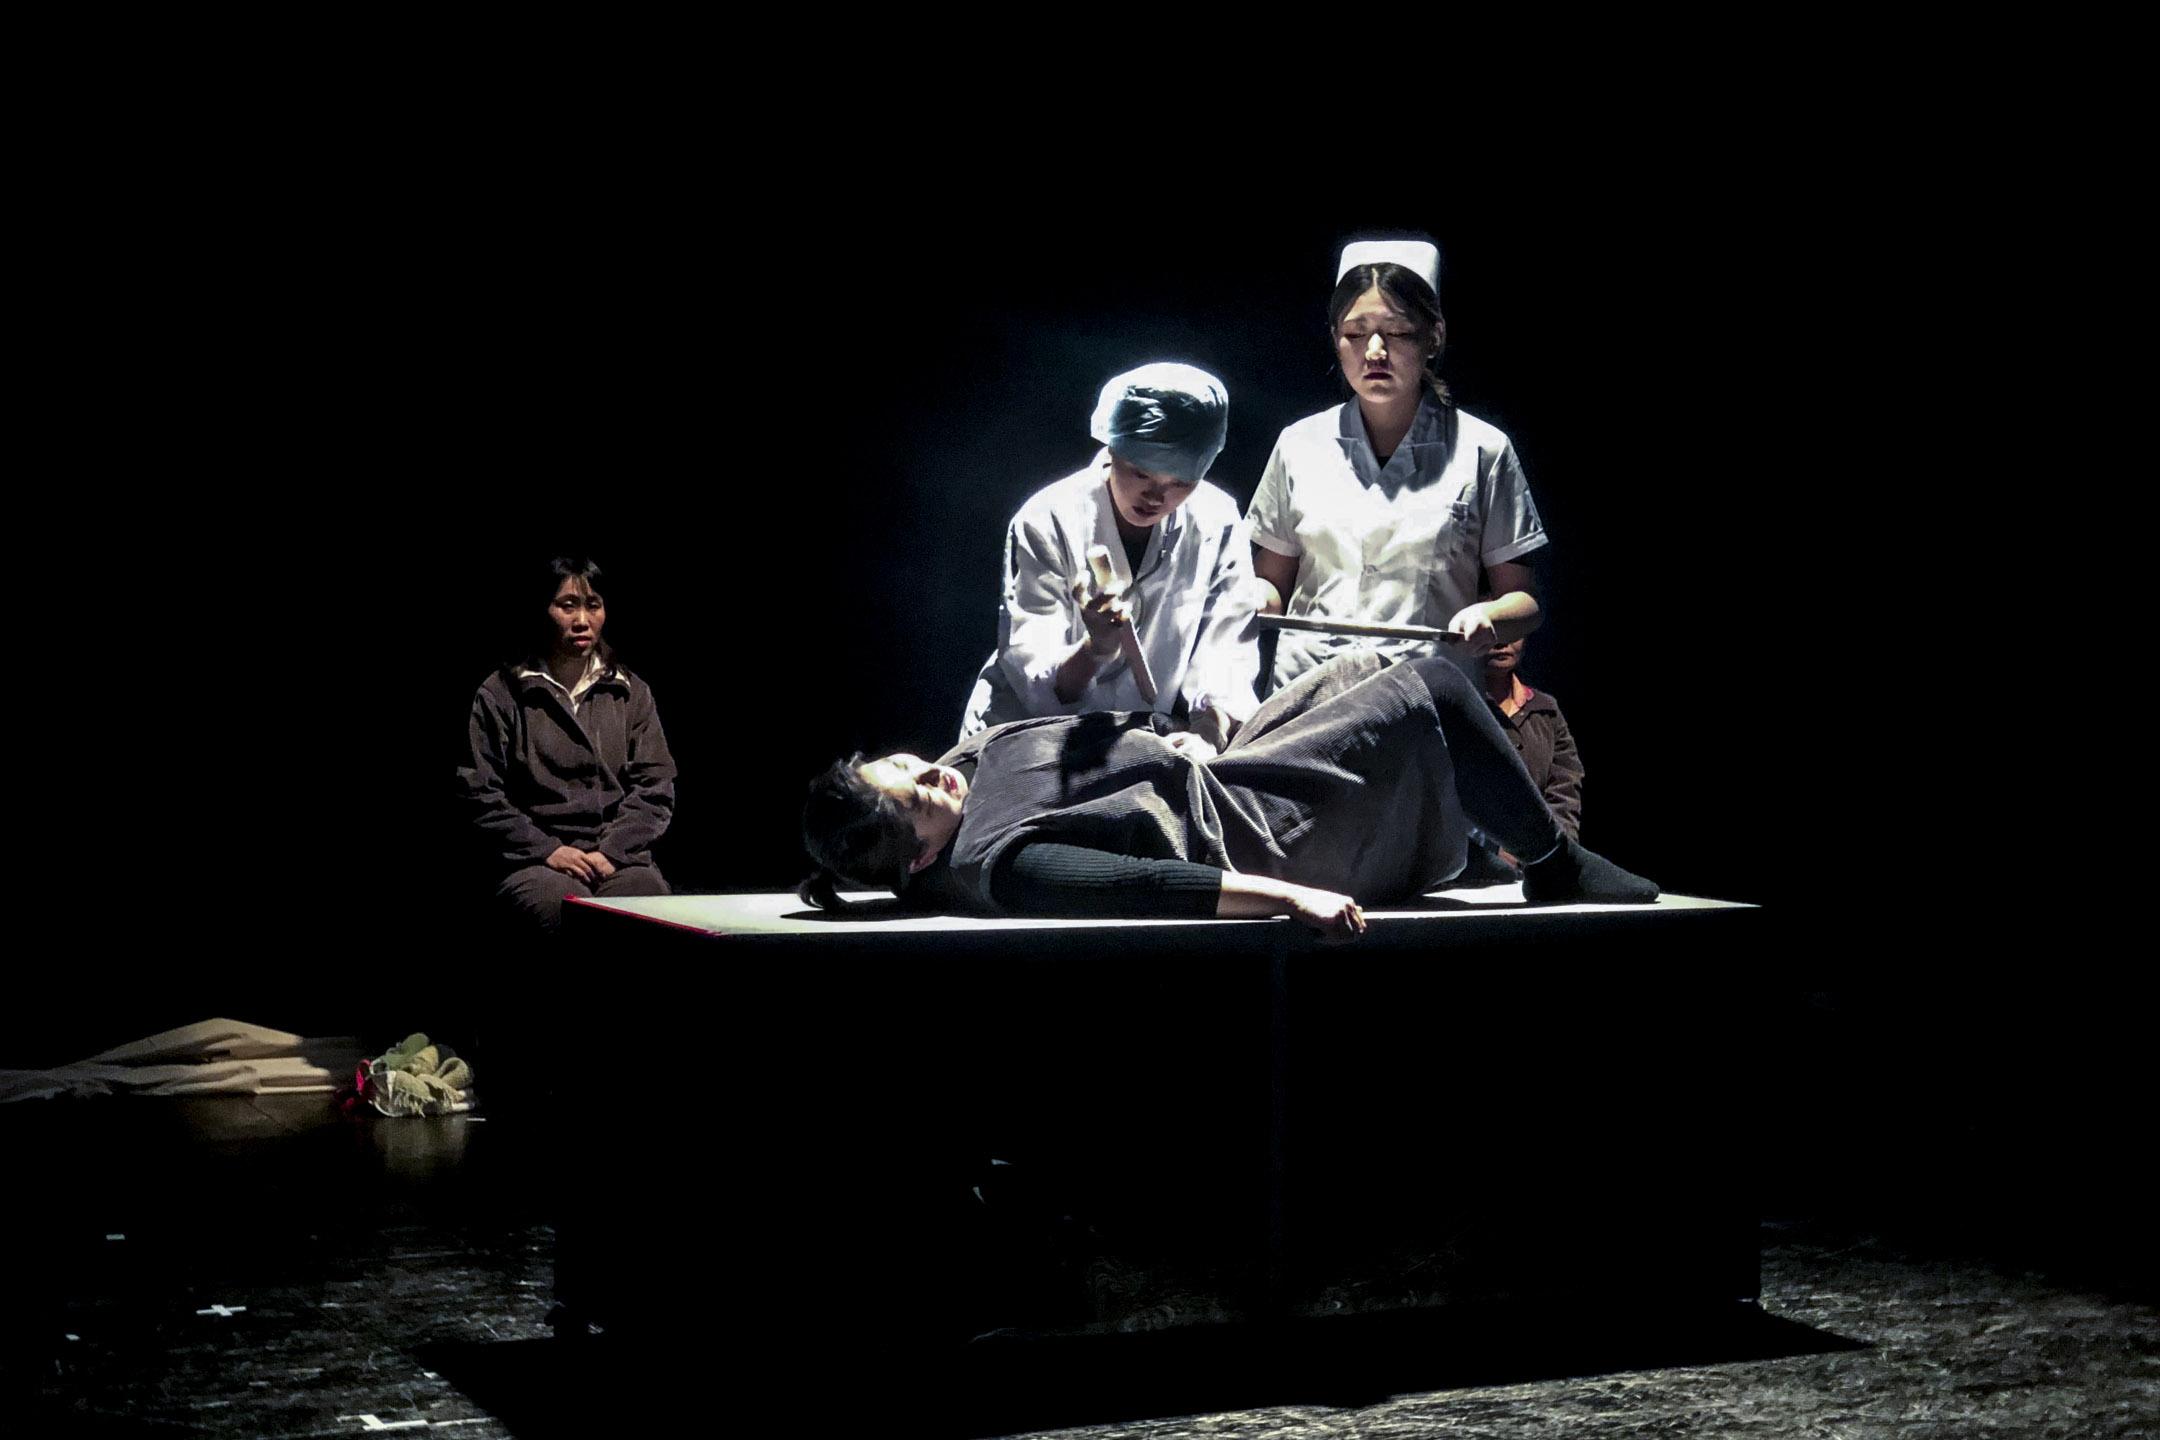 《生育紀事》中重要一幕,韓姐做引產手術。 攝影:趙晗